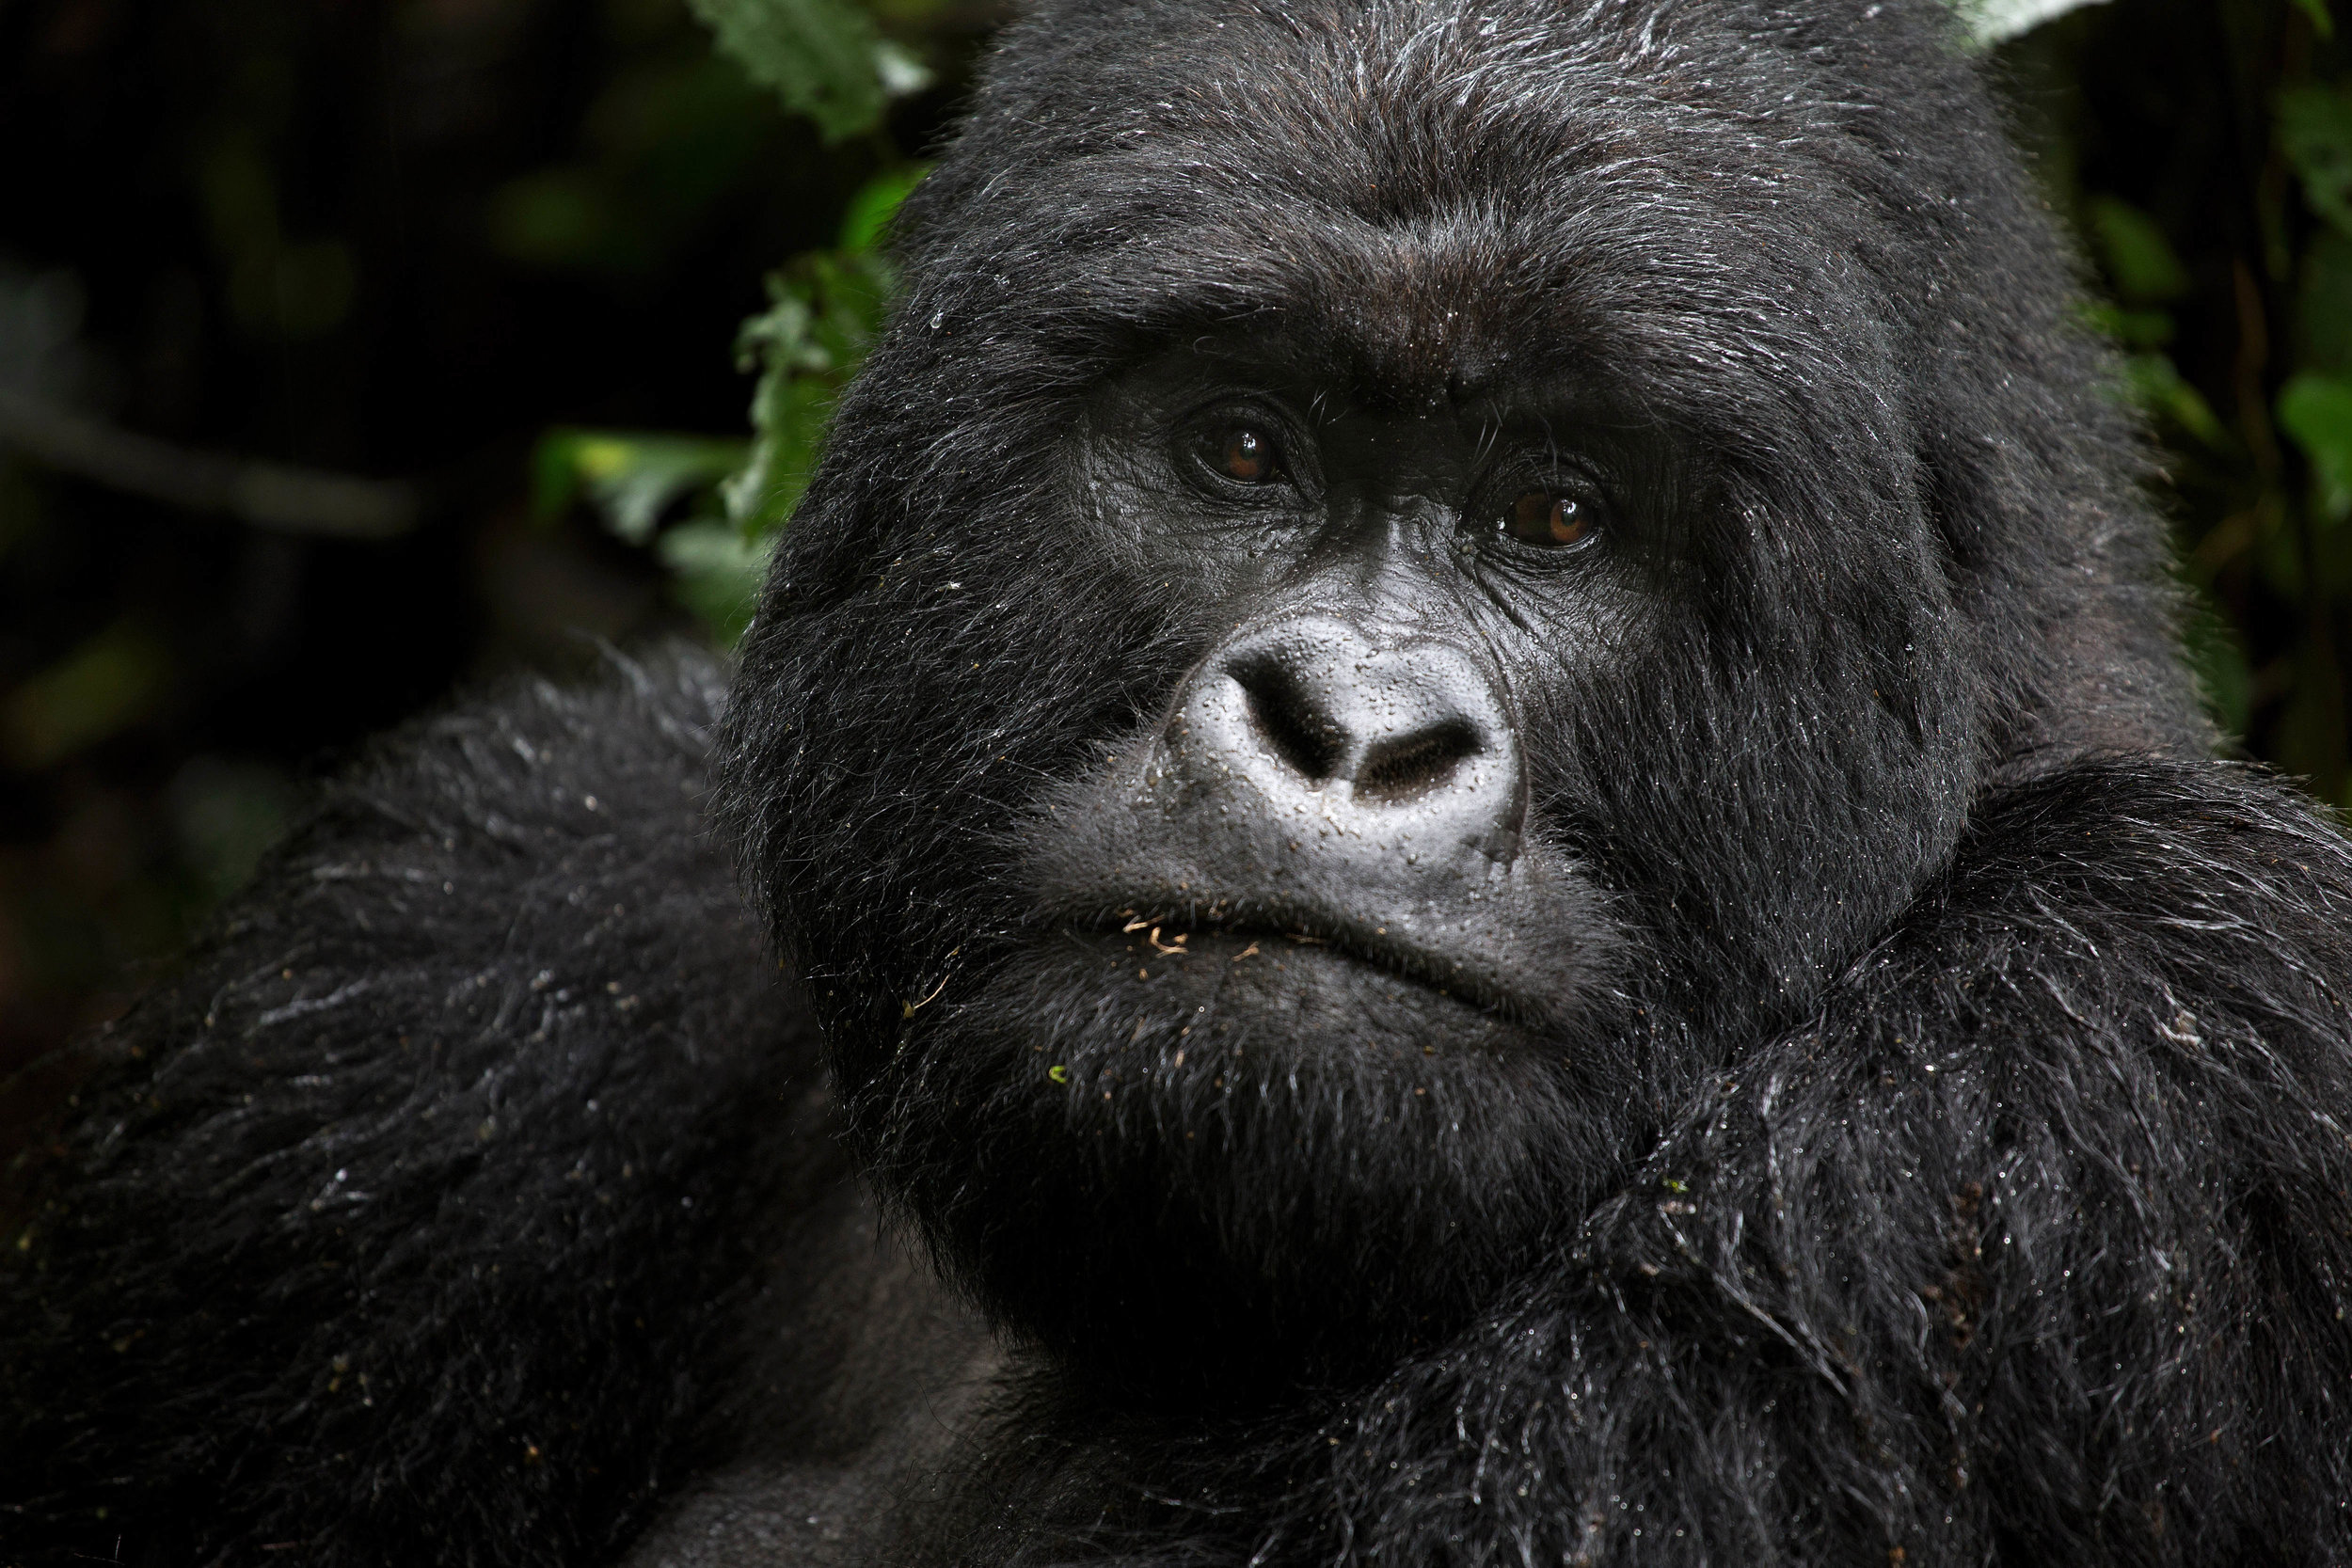 virunga_gorilla_57axvweb.jpg